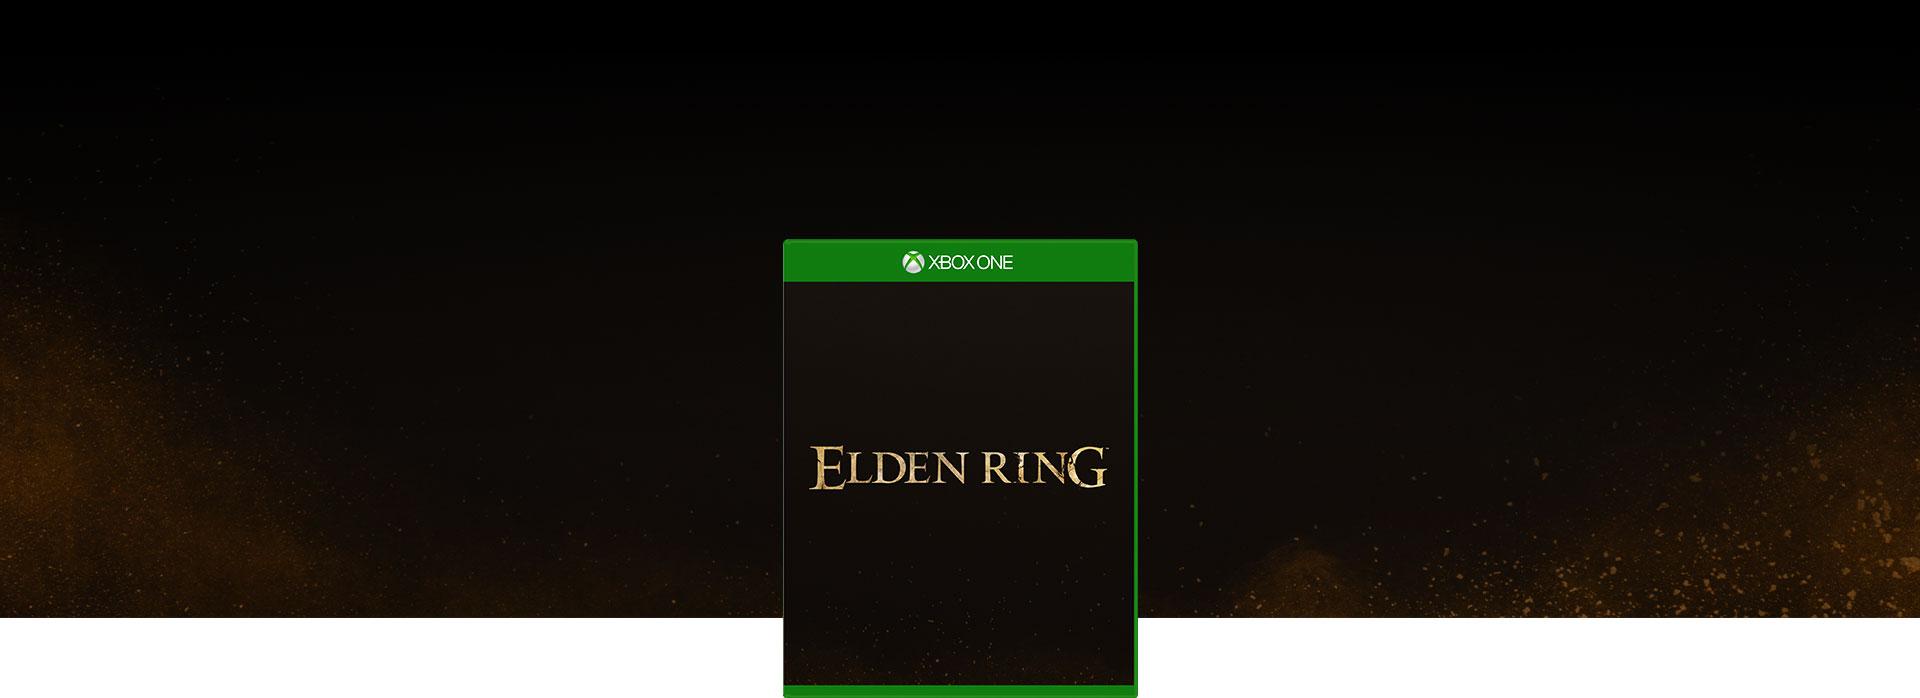 暗くて明るい茶色の斑点が黒に消える Elden Ring のパッケージ画像